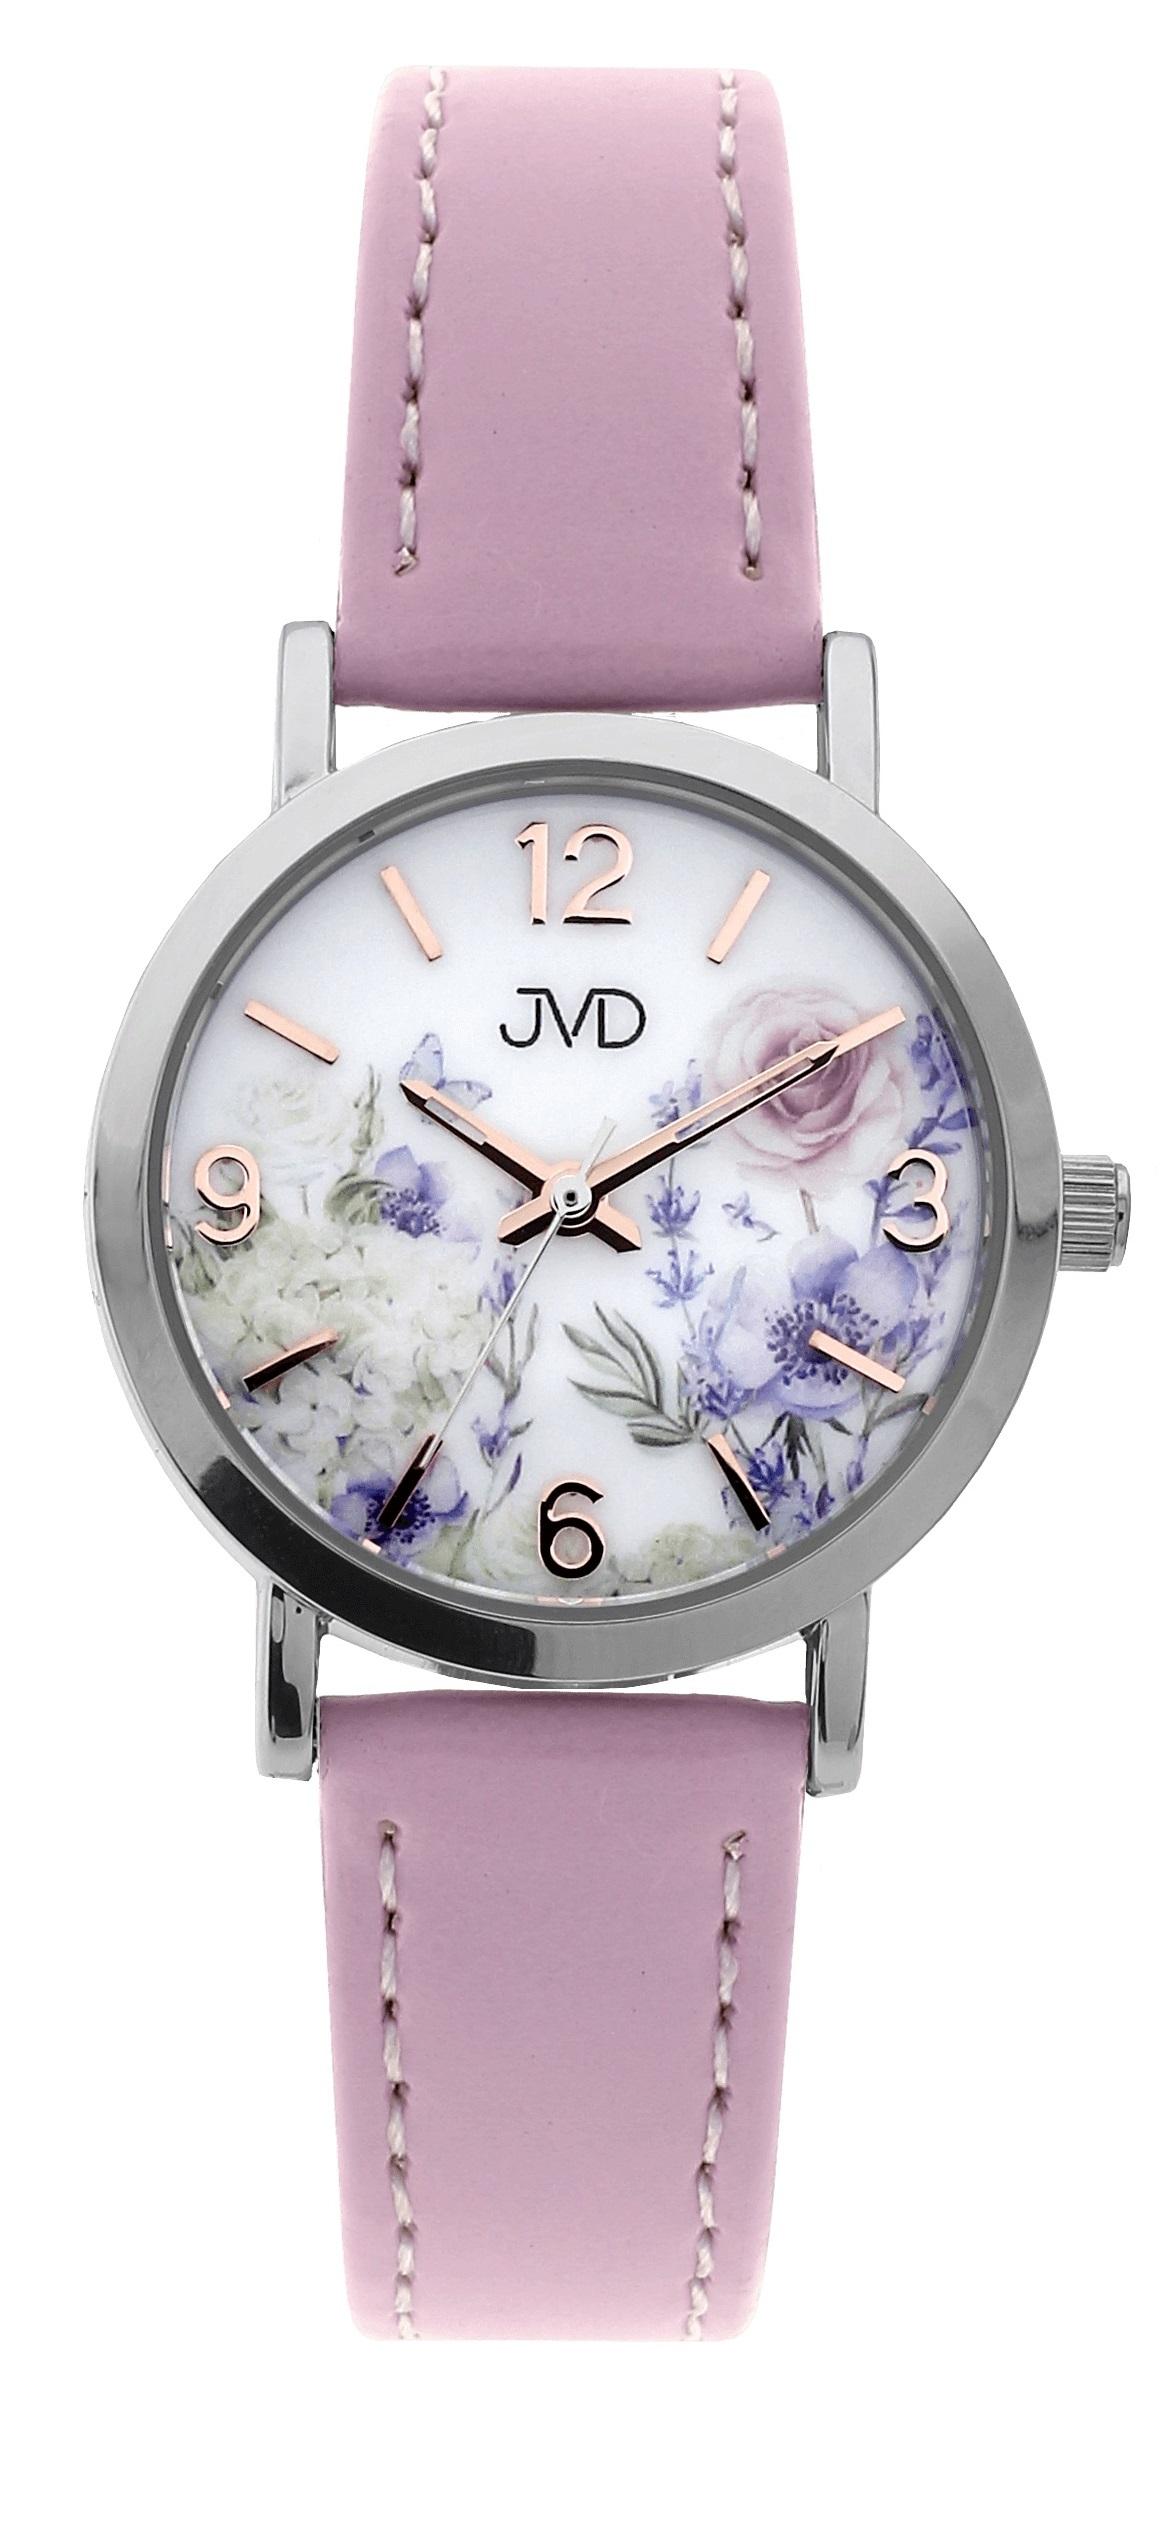 Dětské dívčí přehledné náramkové hodinky JVD J7184.1  9e4d7cc239